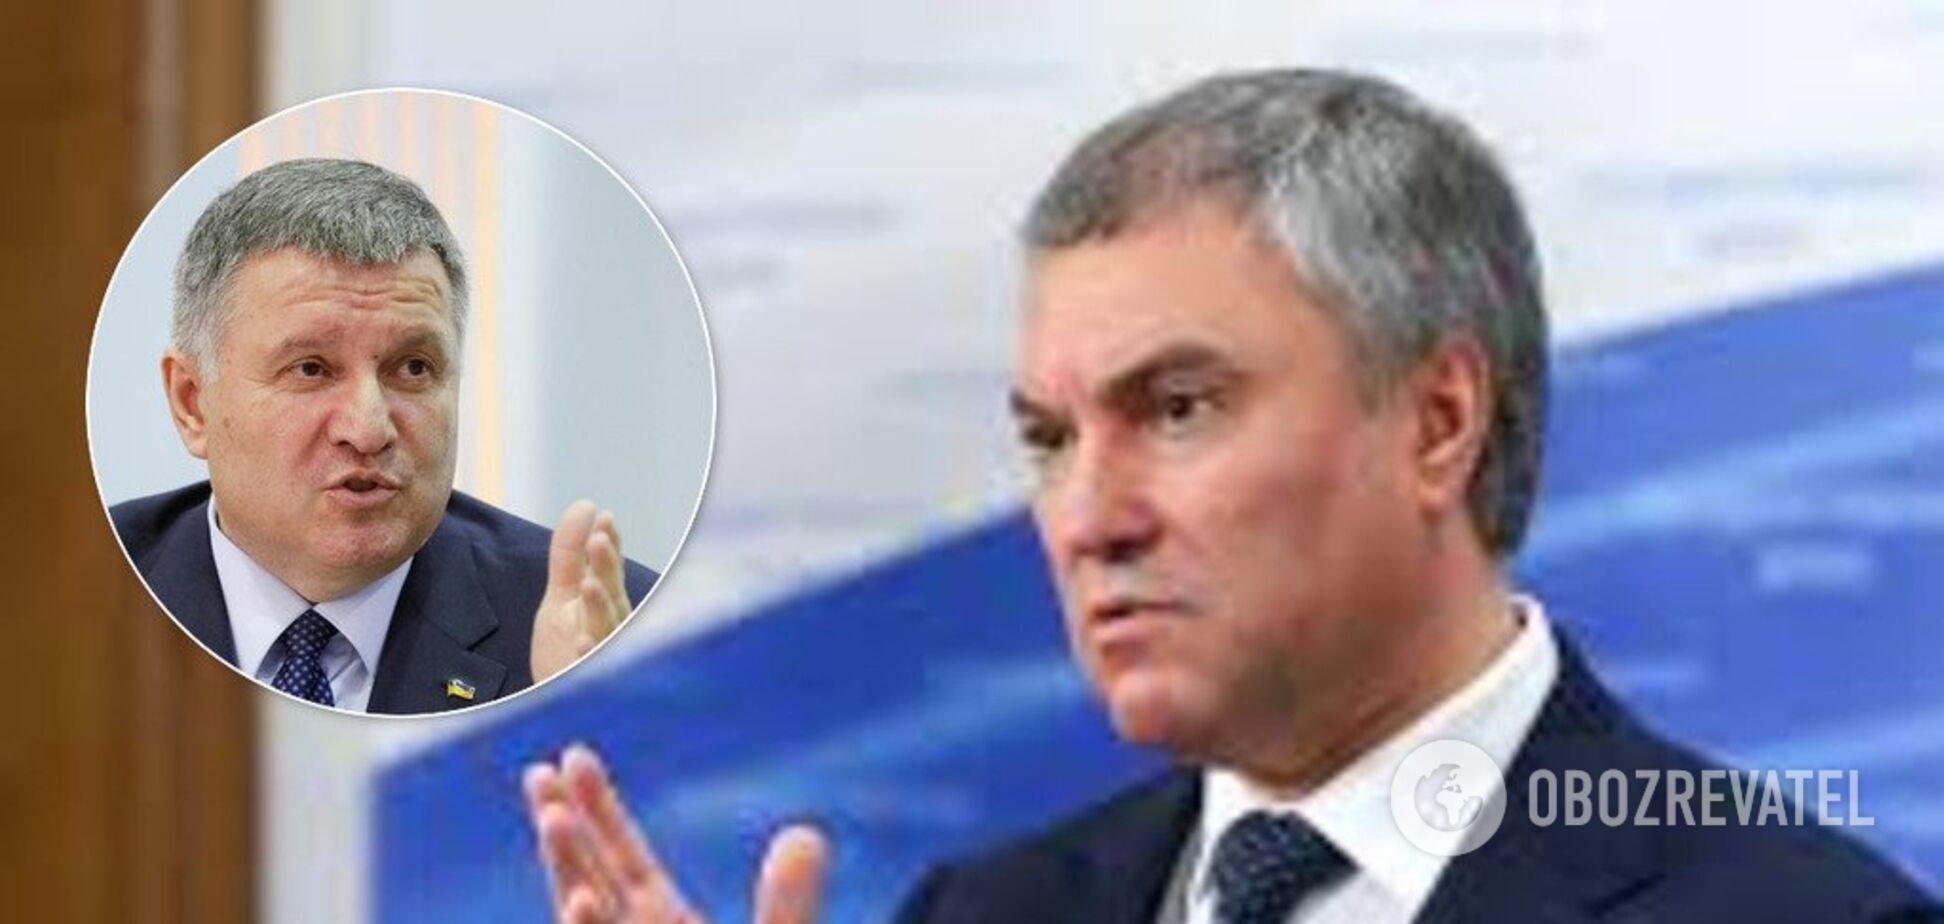 'Російський дурень!' Аваков висміяв людину Путіна через 'наступ' на Україну